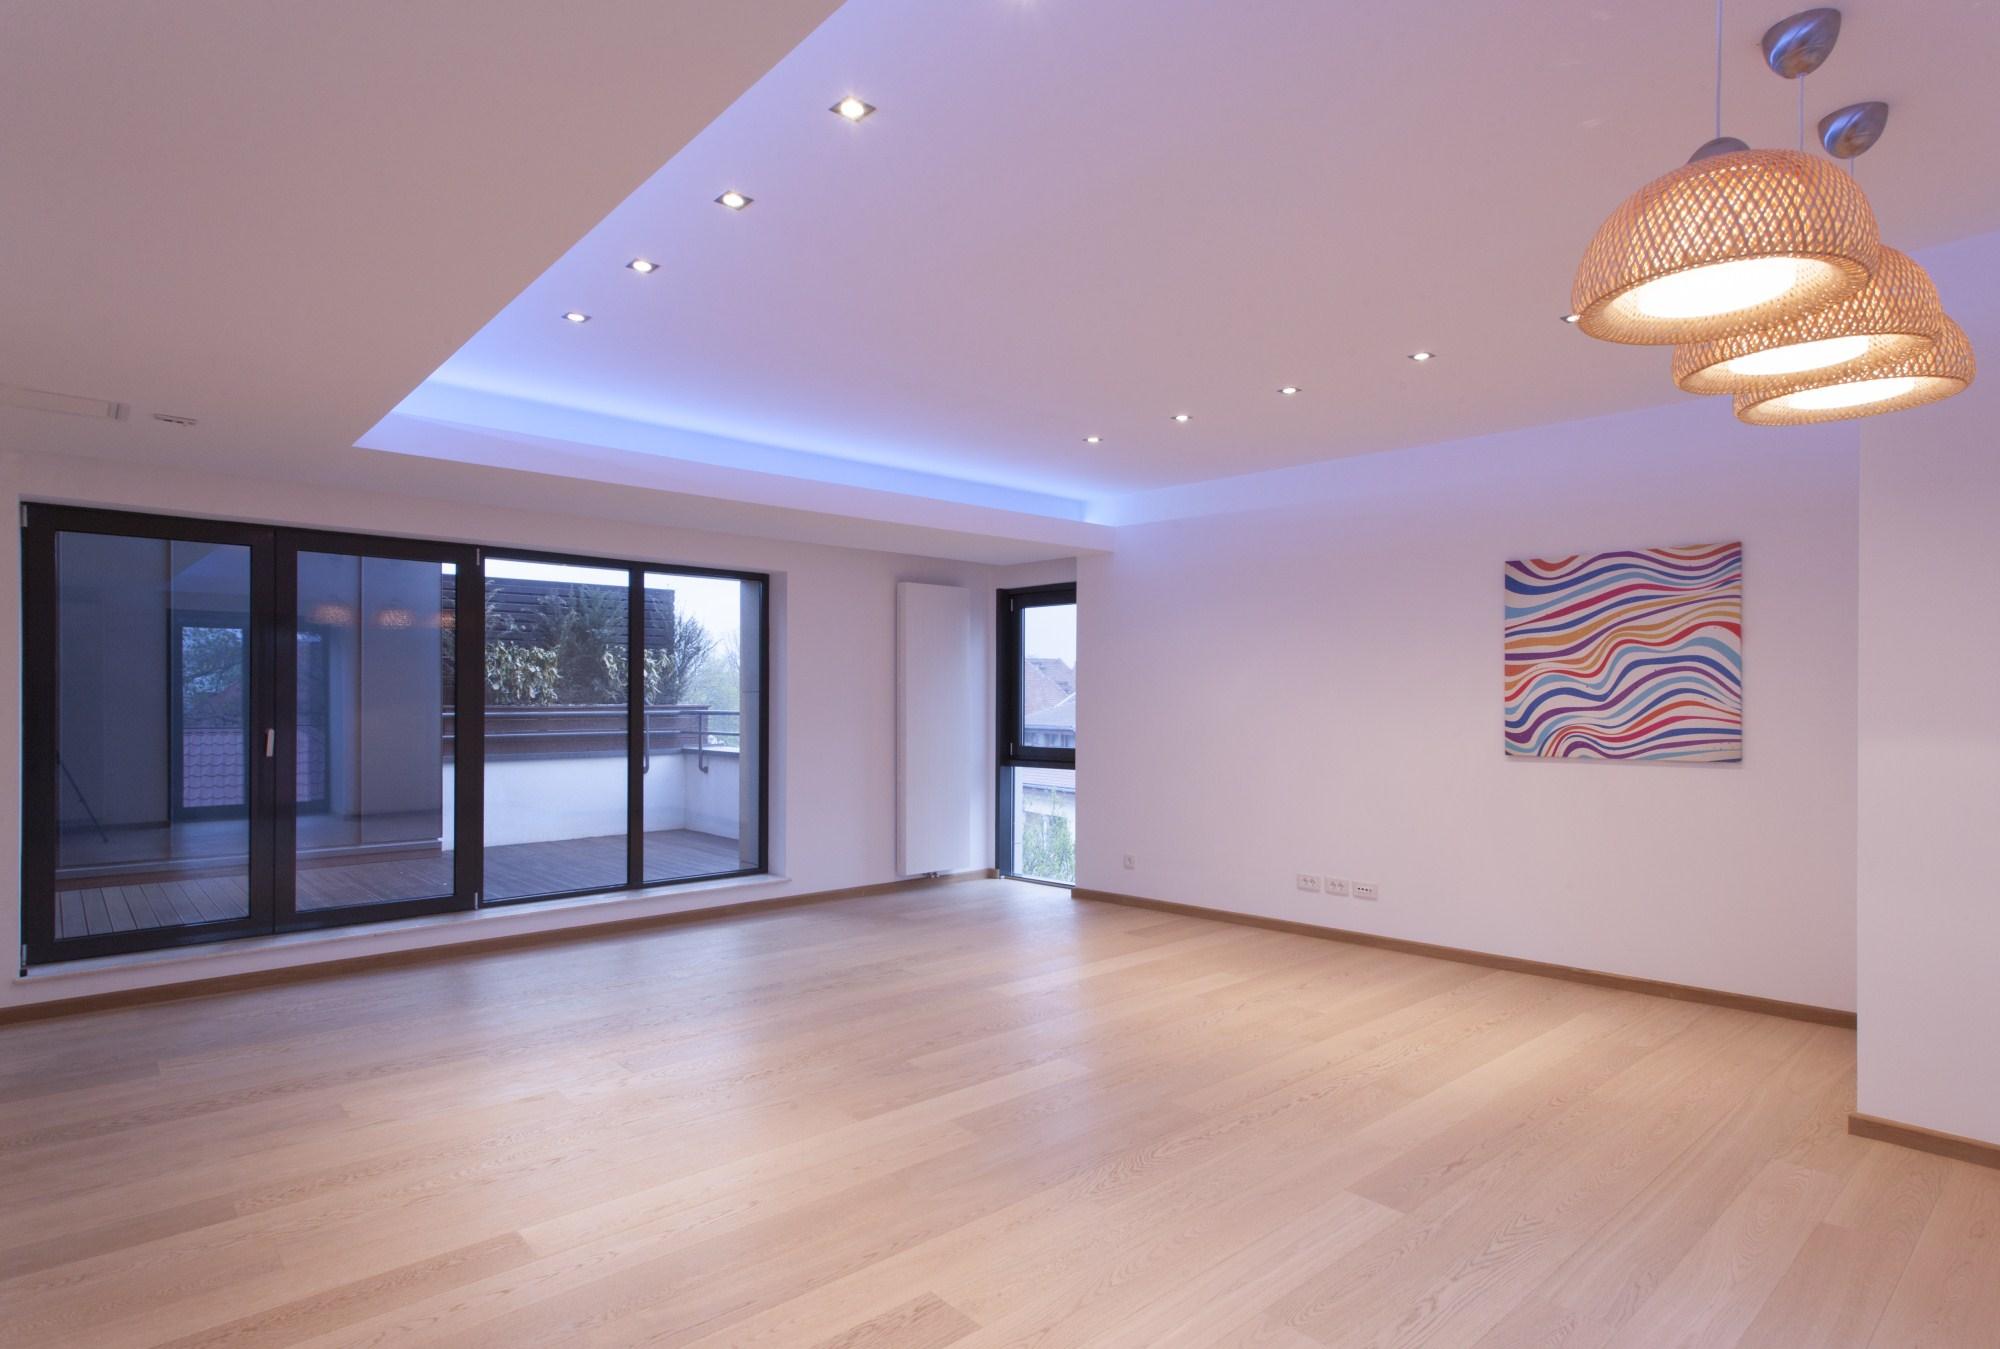 https://nbc-arhitect.ro/wp-content/uploads/2020/10/NBC-Arhitect-_-Petofi-Sandor-_-Housing-_-interior-design_23.jpg